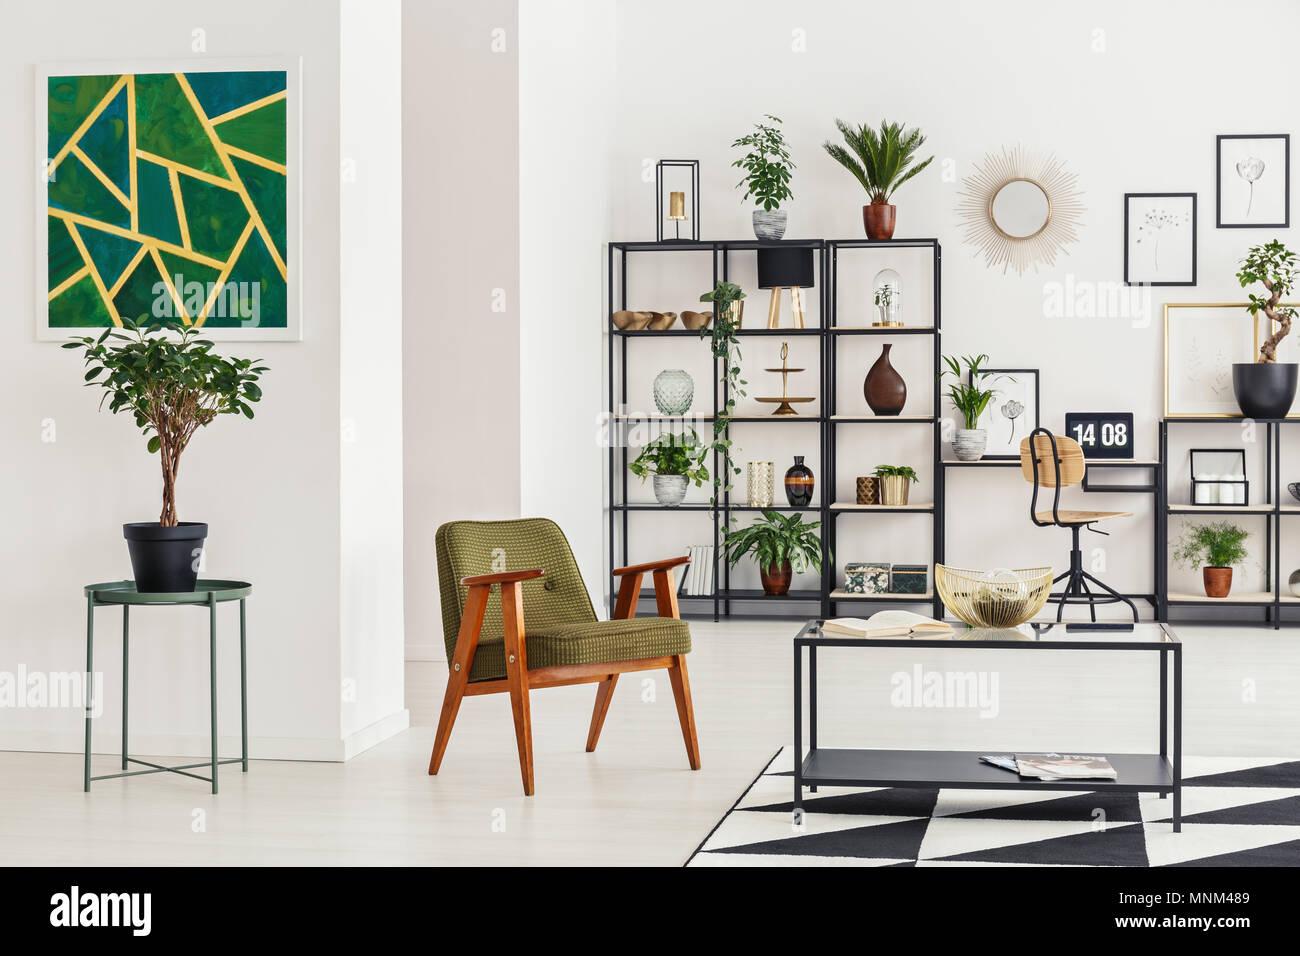 Plante sur une table contre le mur blanc avec la peinture verte dans la salle de séjour avec un fauteuil en bois d'intérieur Photo Stock